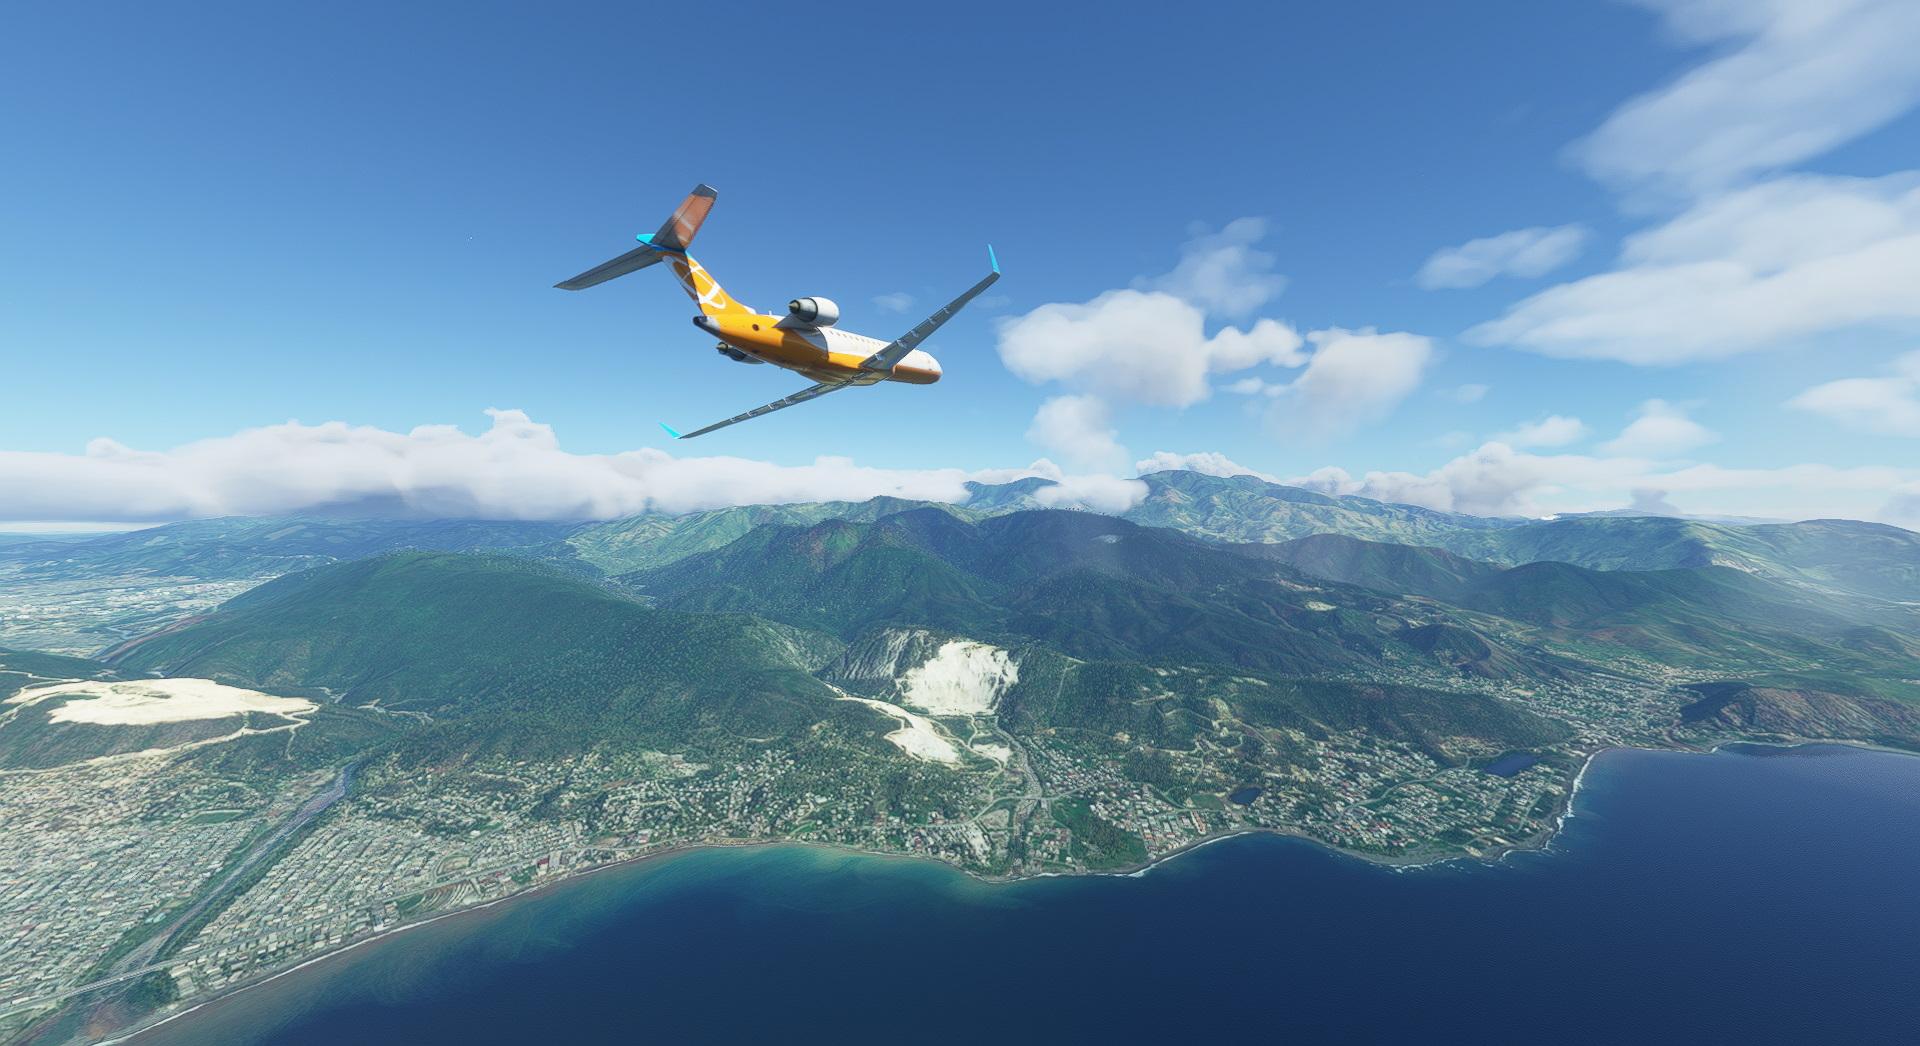 Microsodt Flight Simulator Crj 700 Over Cuba